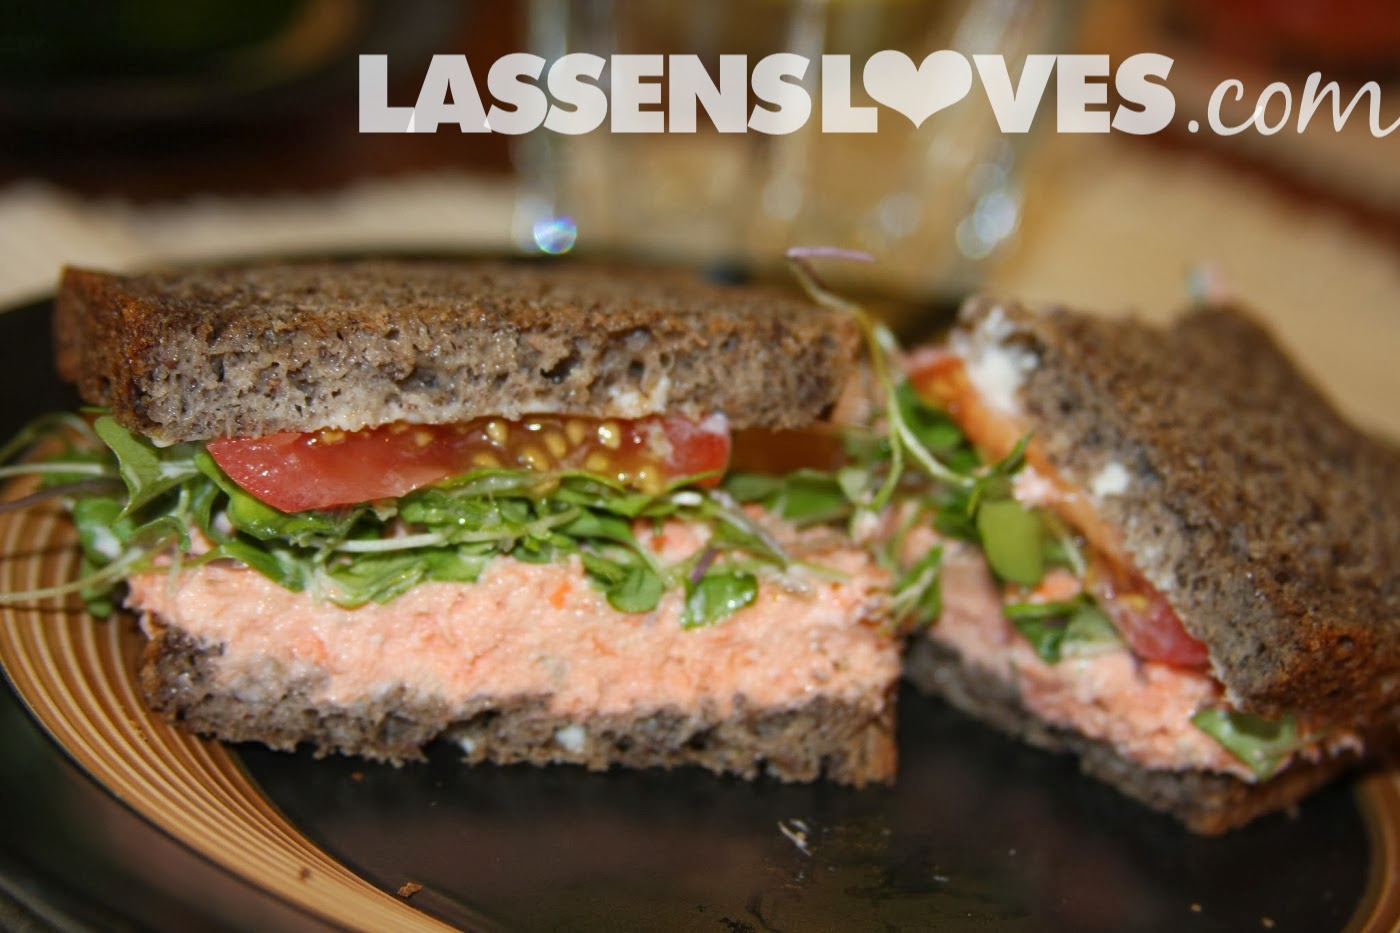 lassensloves.com, Lassen's, Lassens, Arnel's Gluten+Free, Baking+Mixes